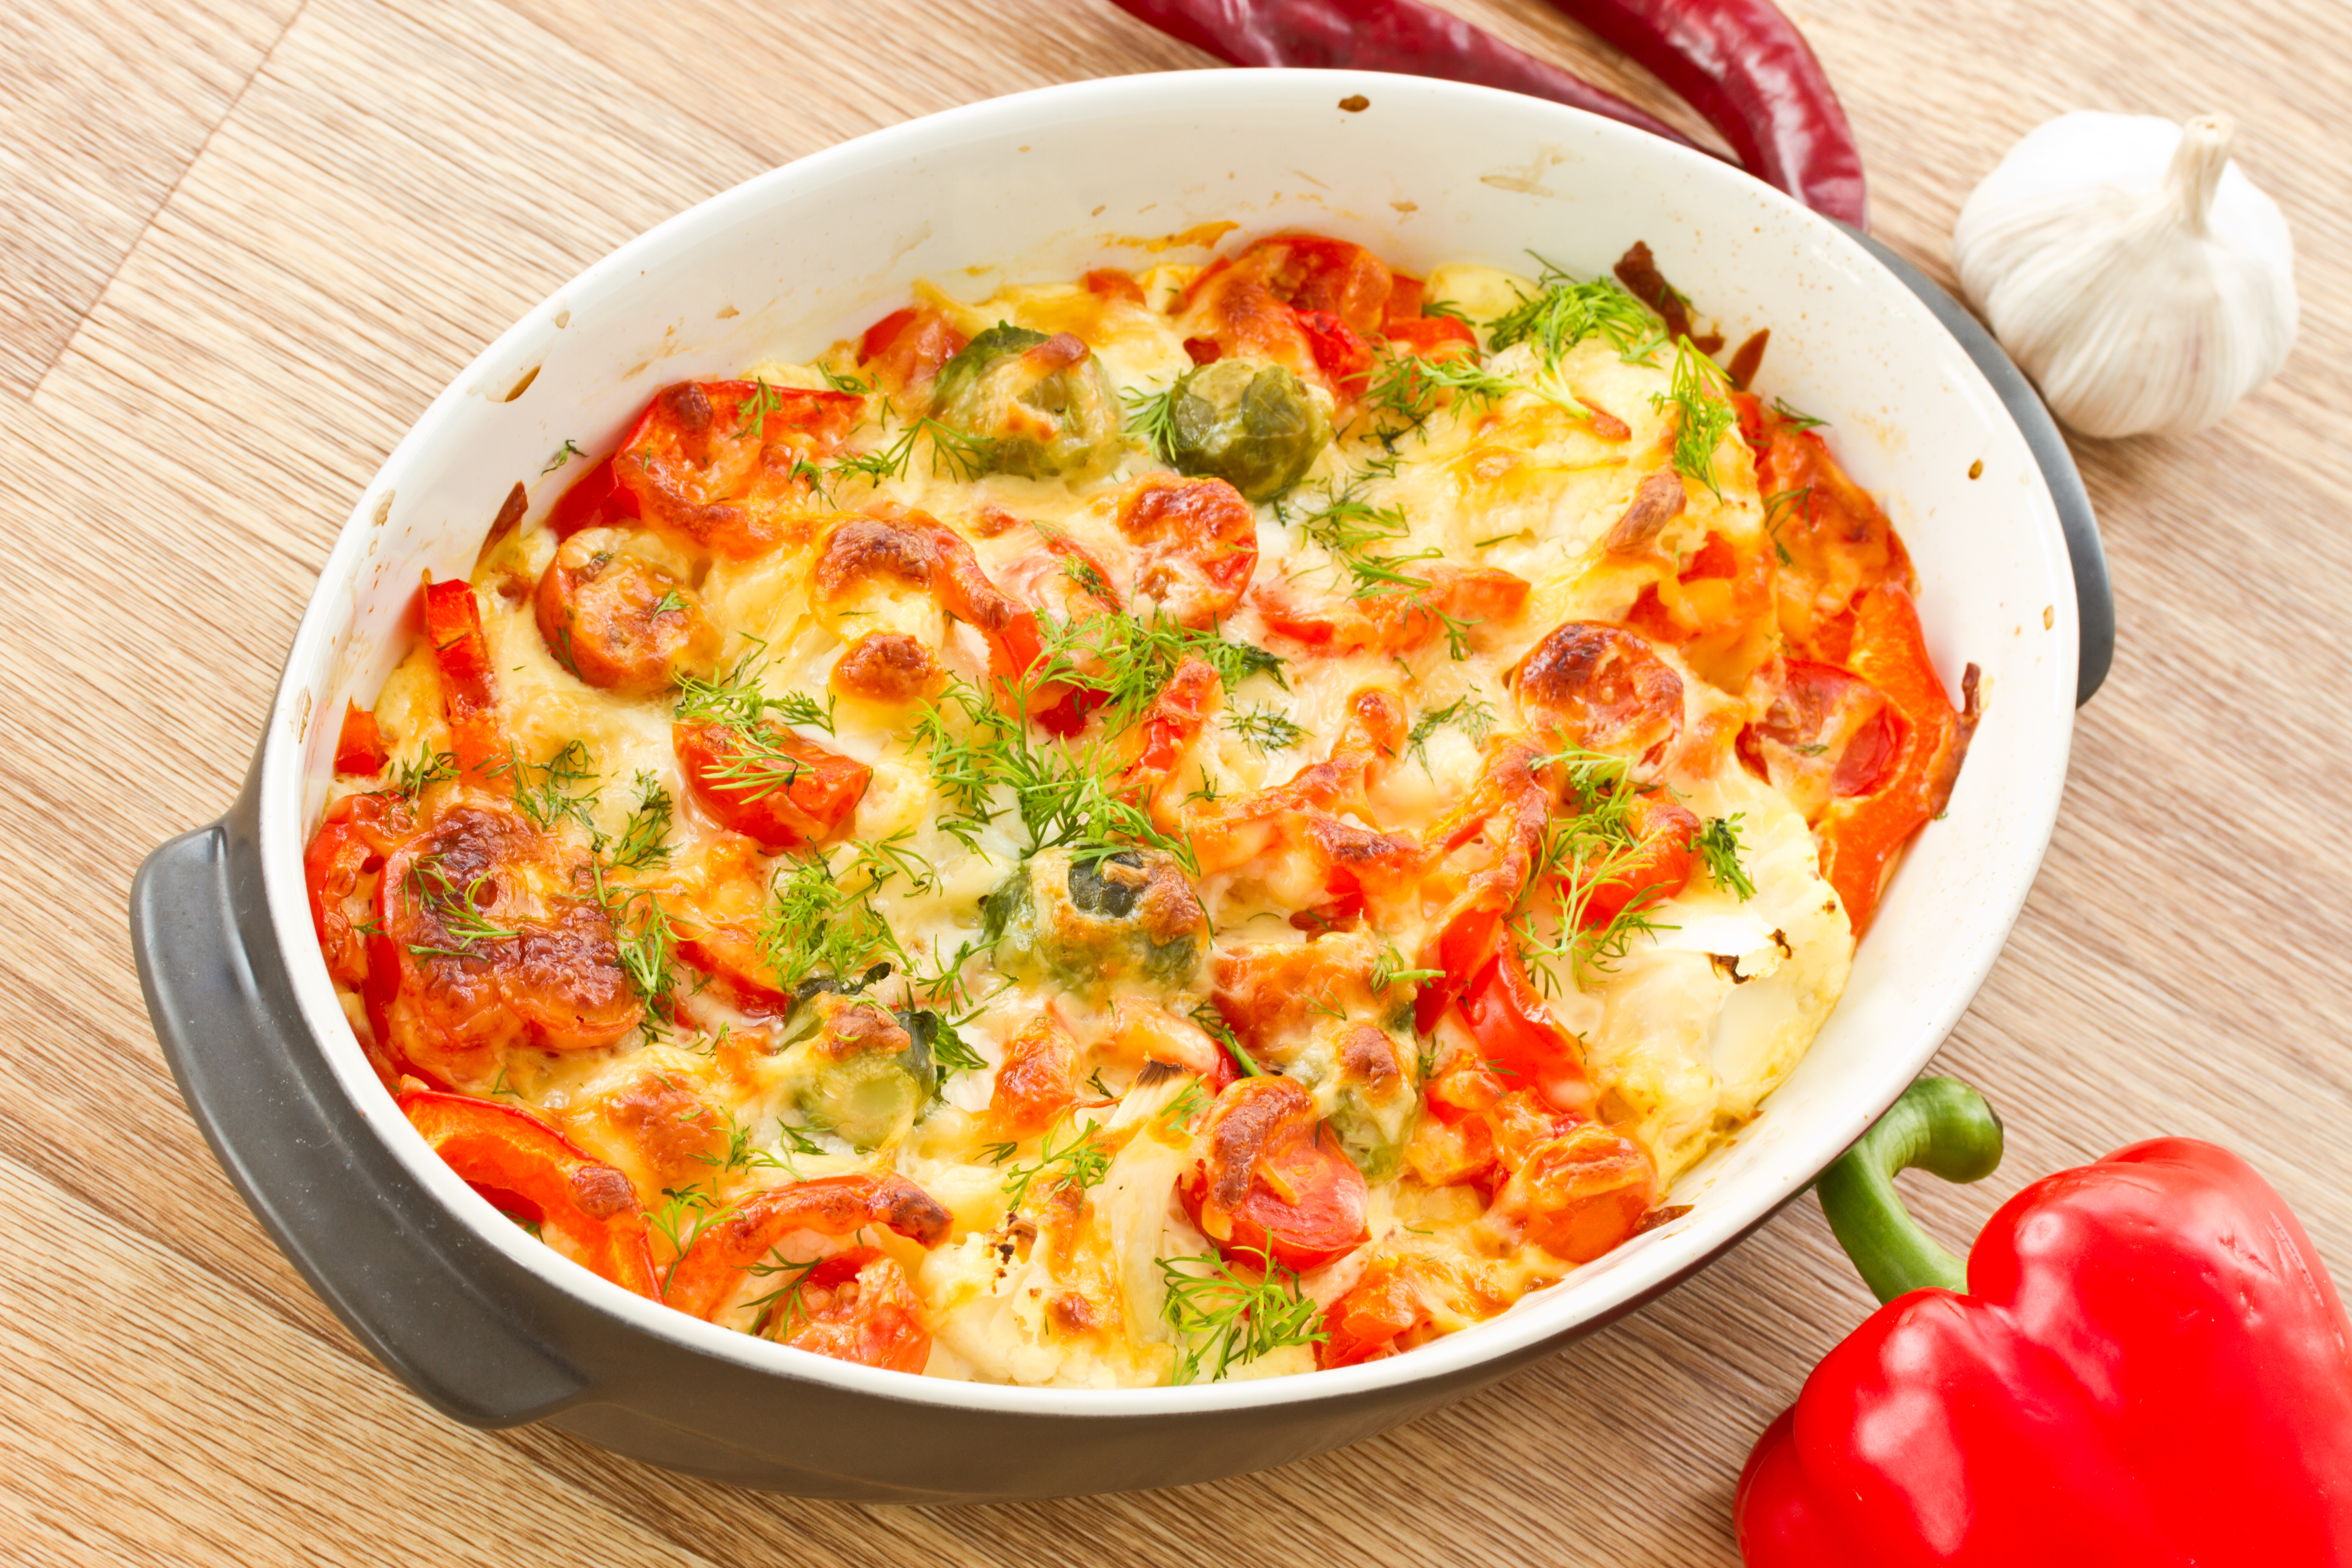 auflauf-mit-haehnchen-reis-paprika-tomaten-und-rosenkohl